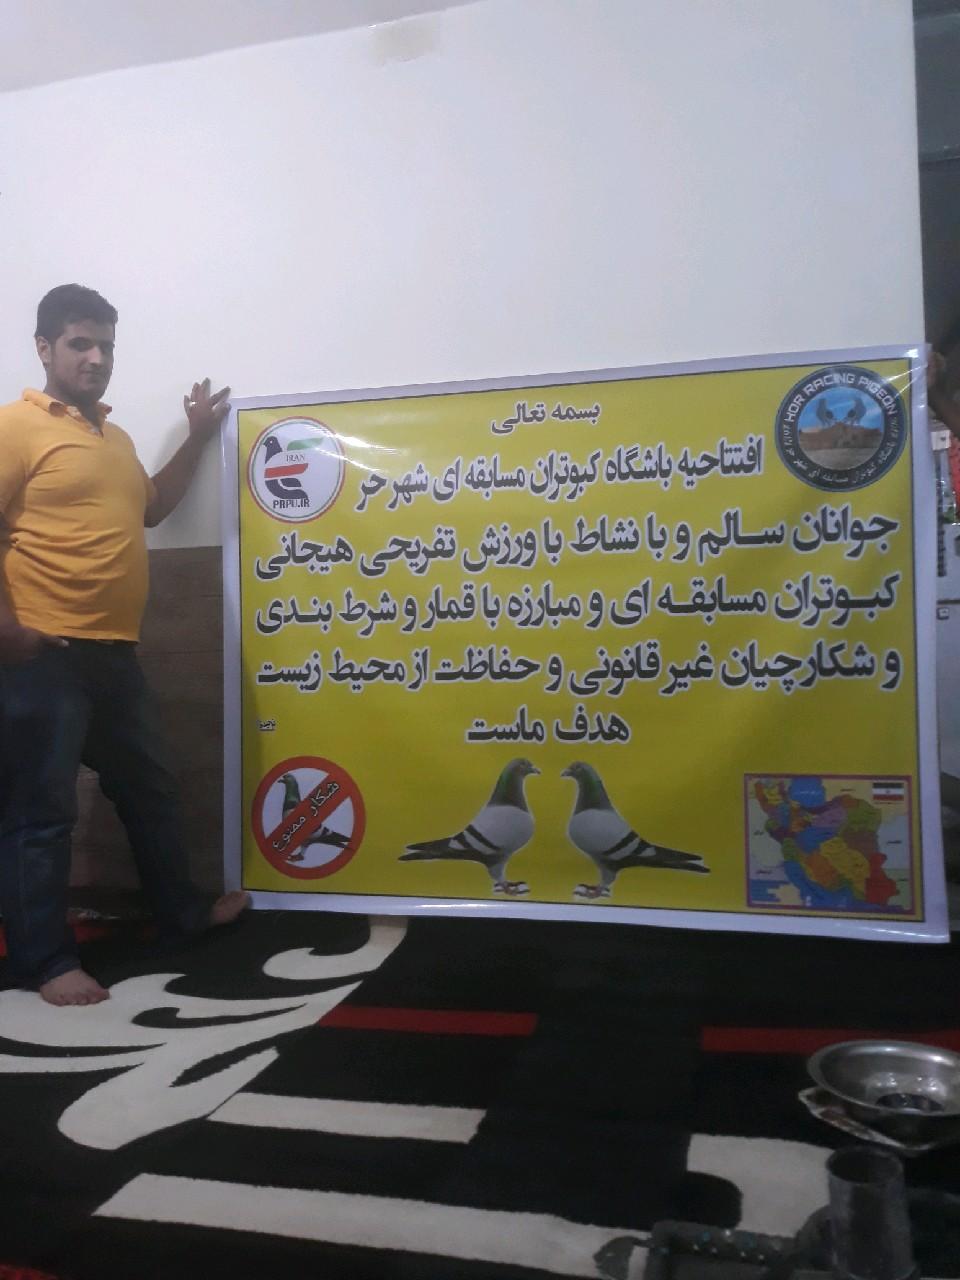 باشگاه کبوتران مسابقه اي شهر حر - خوزستان